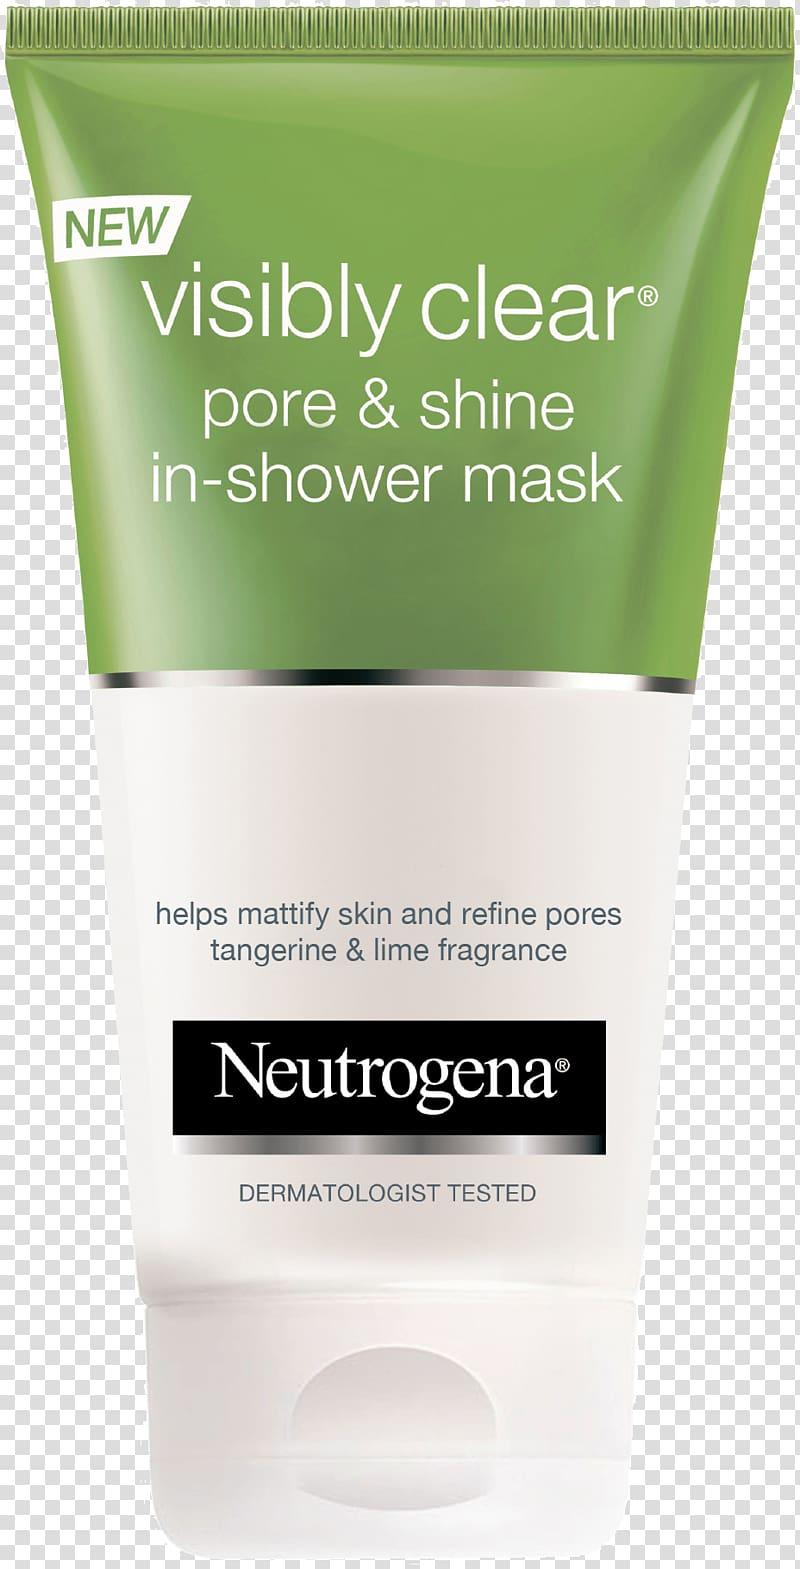 Neutrogena Mask Cosmetics Face Exfoliation, mask transparent.